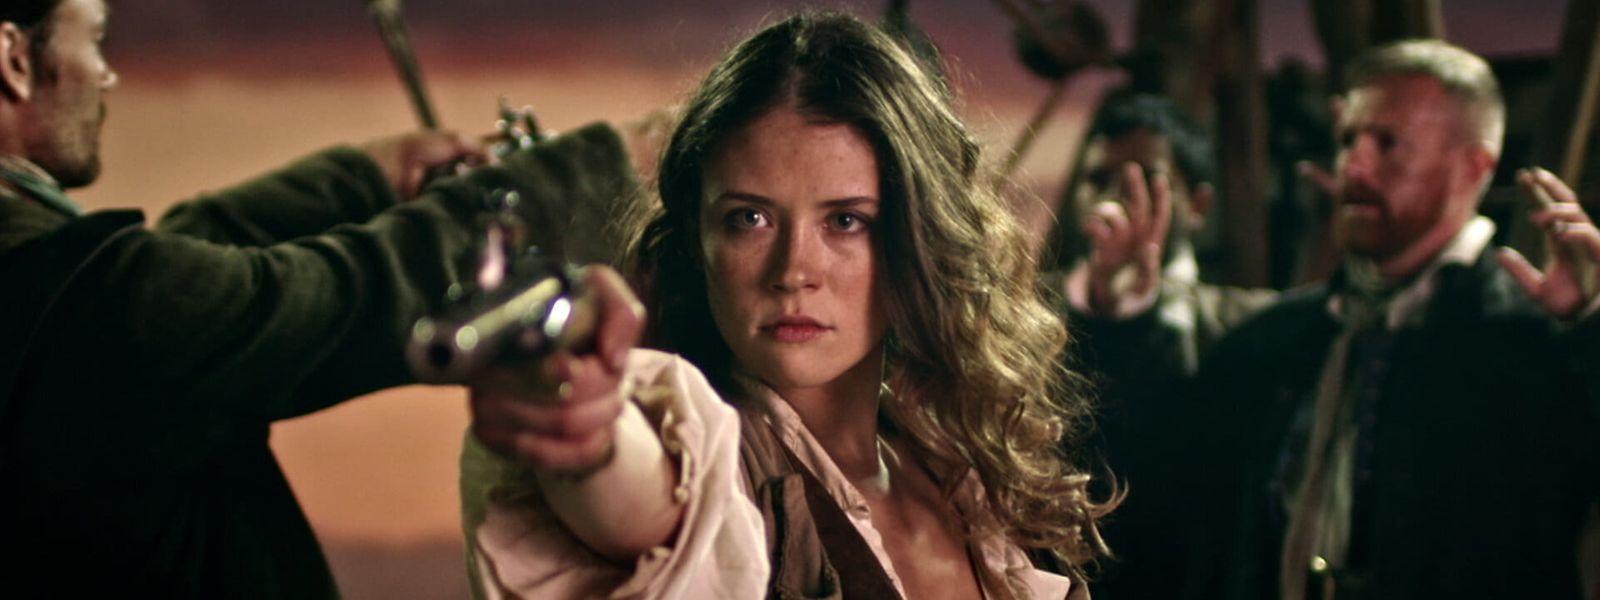 Mia Tomlinson spielt die berüchtigte Piratin Anne Bonny.